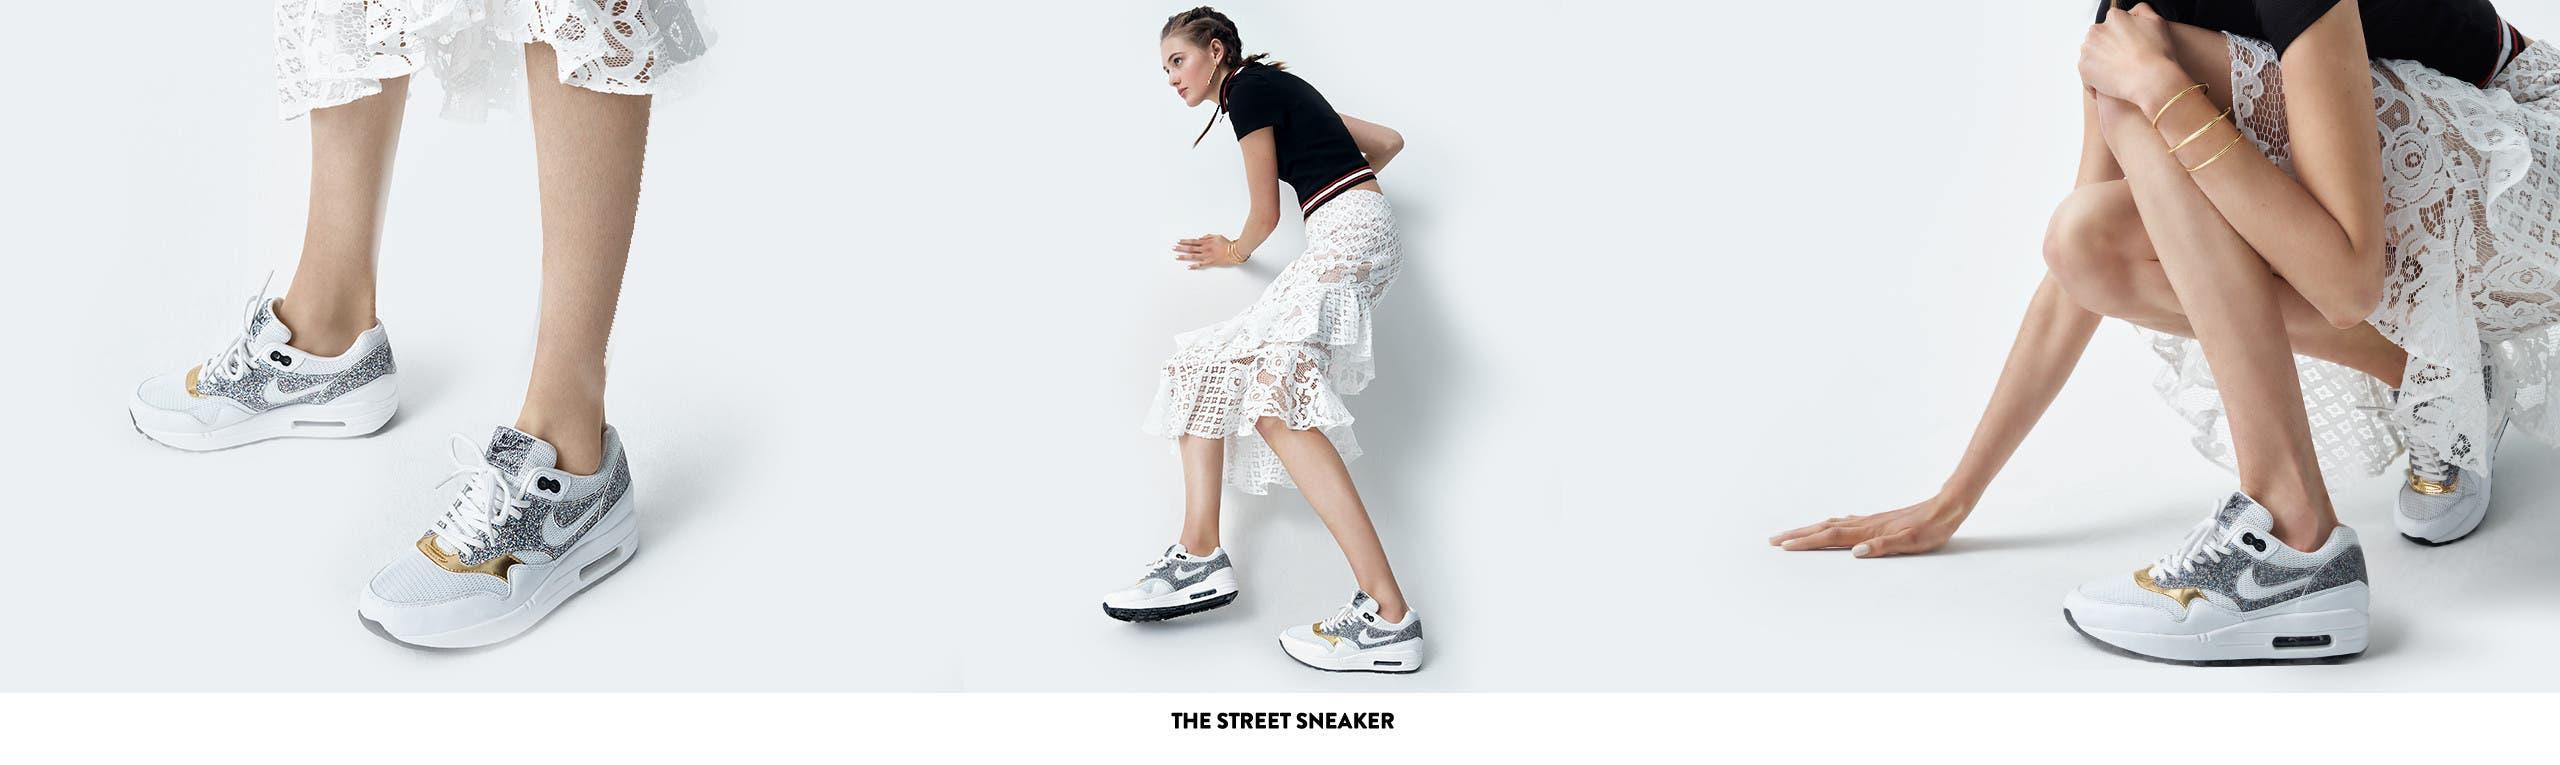 The street sneaker.